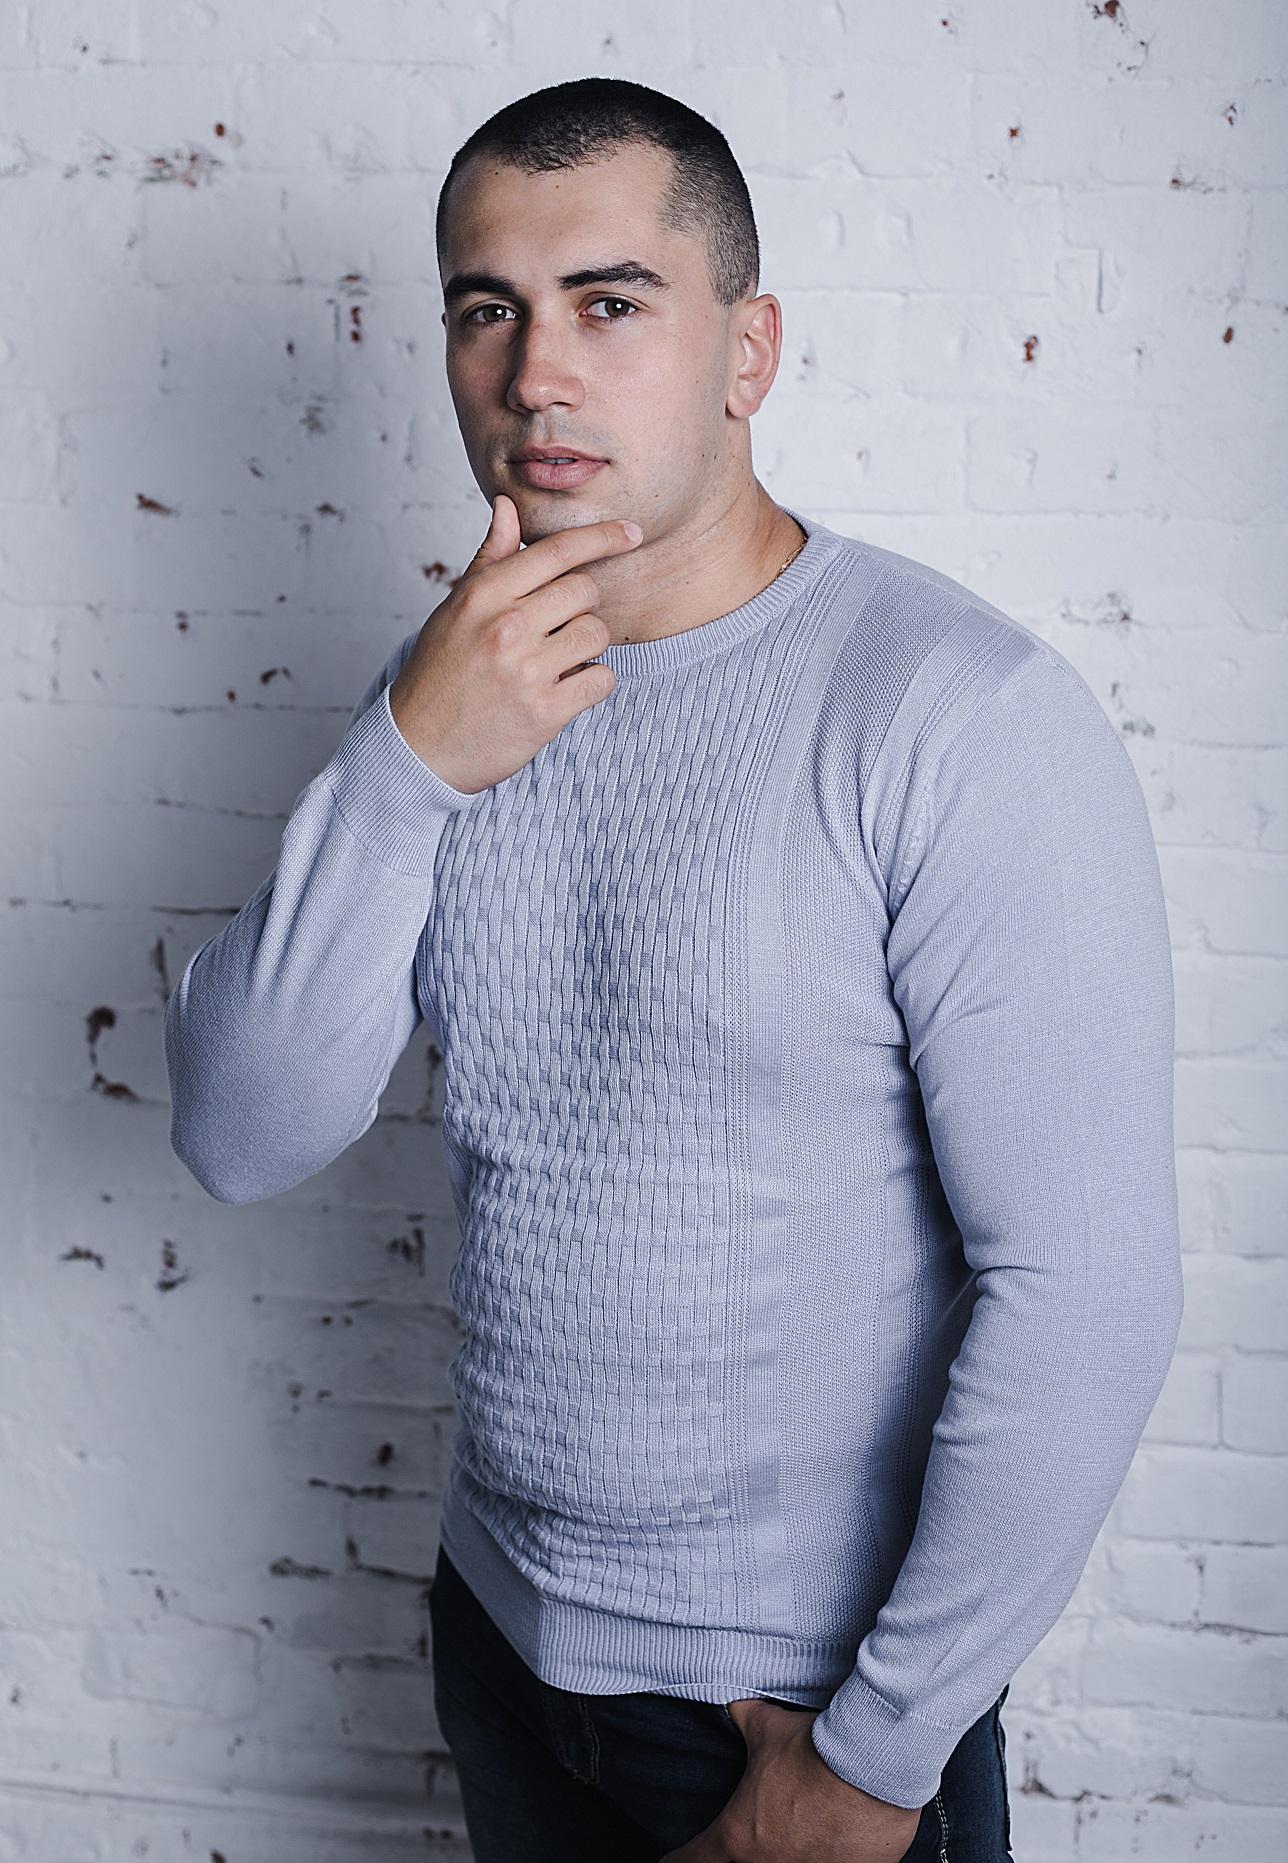 Сбор заказов. Экспресс. Стильный мужчина: джемпера, свитера, водолазки, полуверы из высококачественного хлопка и пряжи. Без рядов. Выкуп-2